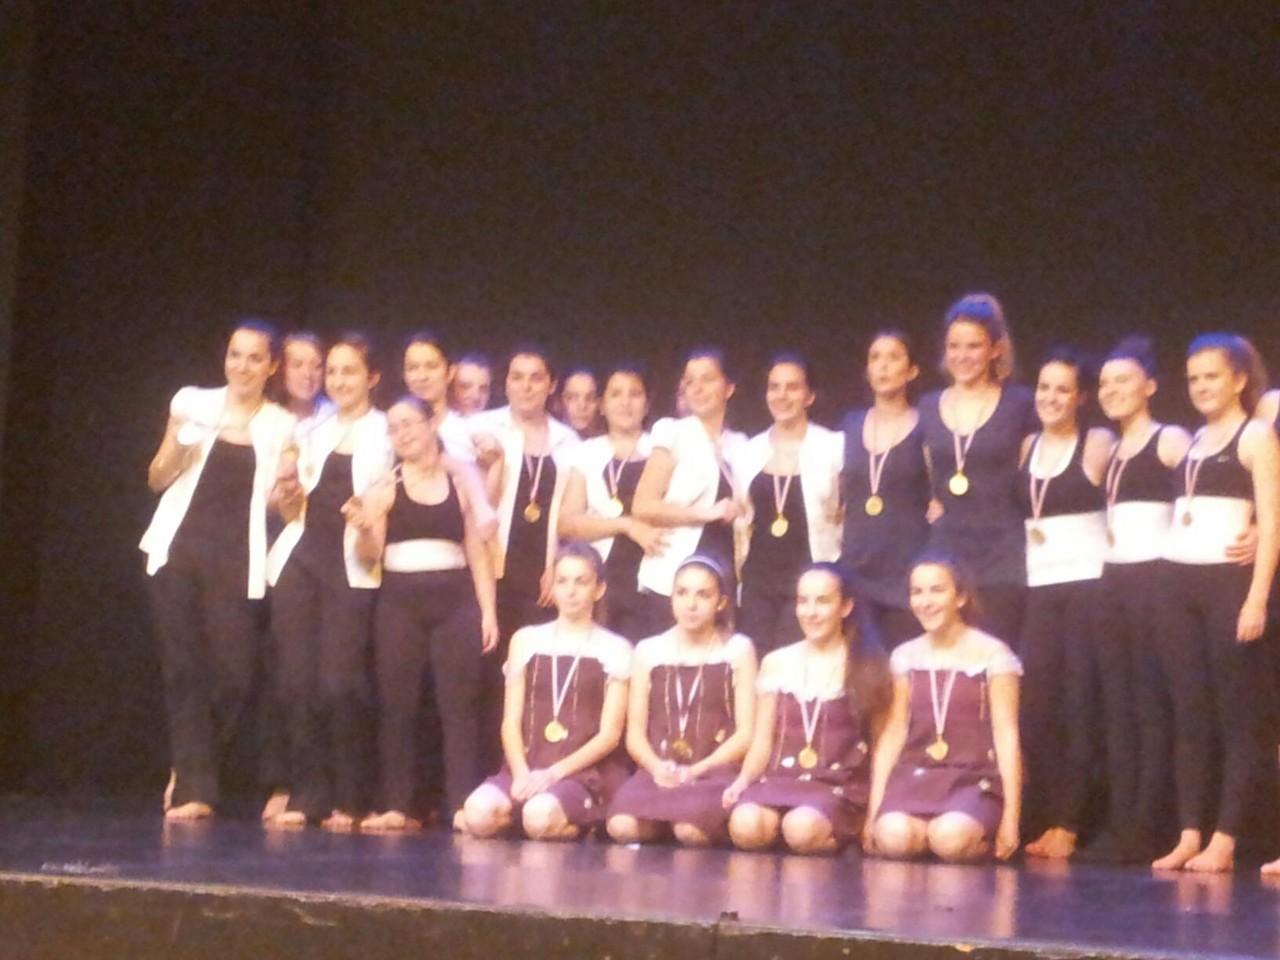 les lauréats - 2012